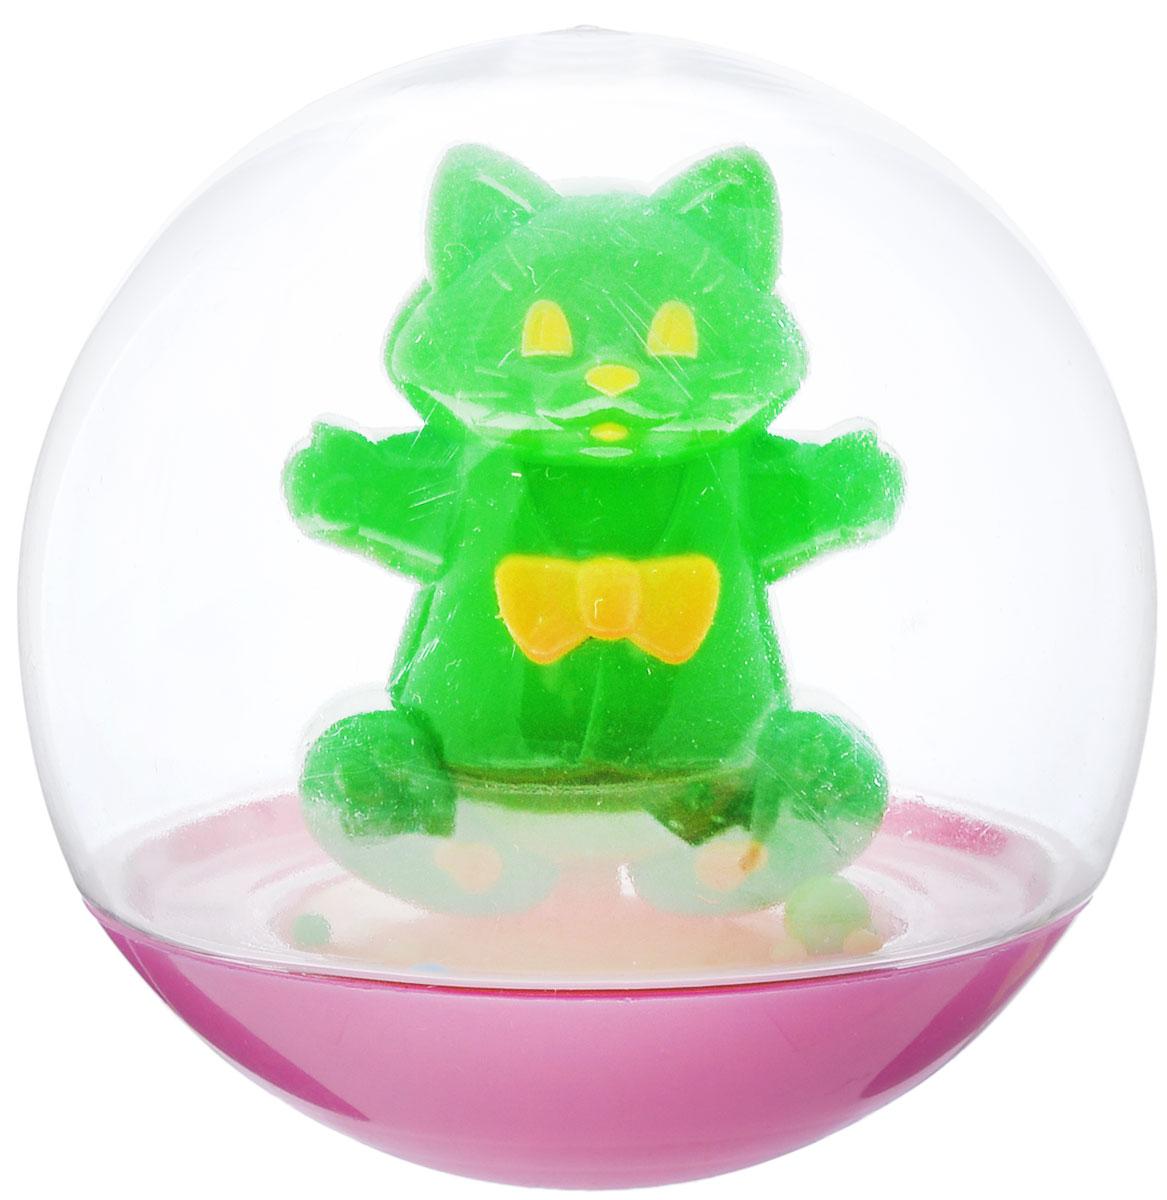 Stellar Погремушка-неваляшка Кот цвет зеленый1_зеленыйПогремушка-неваляшка Stellar Кот не позволит скучать вашему малышу на улице, дома и во время водных процедур. Игрушка выполнена из безопасного и прочного материала в виде симпатичного кота в прозрачном круглом шаре. Неваляшка забавно покачивается под приятный звук погремушки, развлекая малыша. Неваляшка развивает мелкую моторику, координацию, слух и цветовое восприятие.